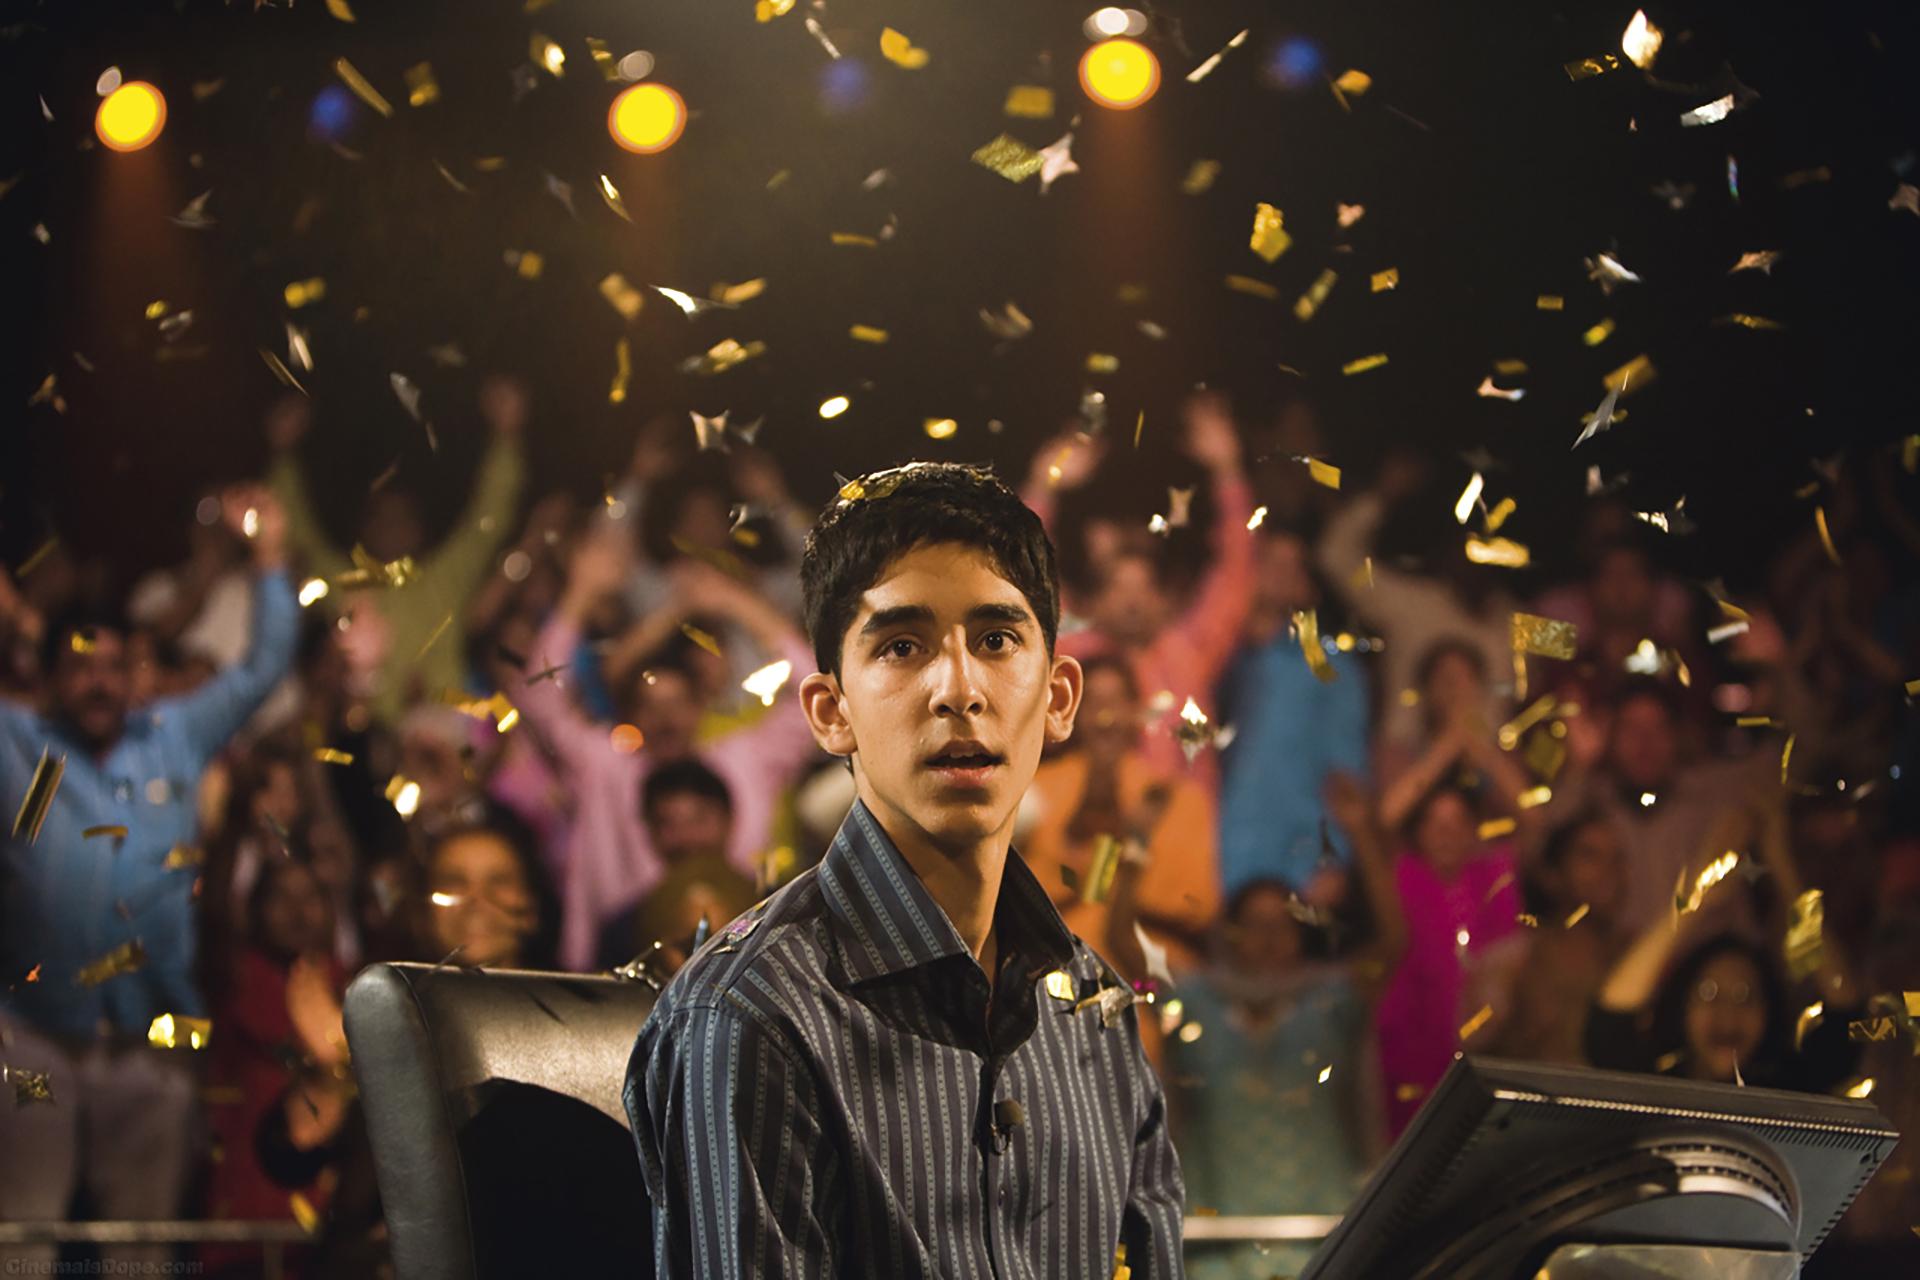 ¿Quién quiere ser millonario? (2009) – 66ª edición.Dirigida por Danny Boyle.Ganó 4 Globos de Oro: mejor película dramática, mejor director, mejor guión y mejor banda sonora